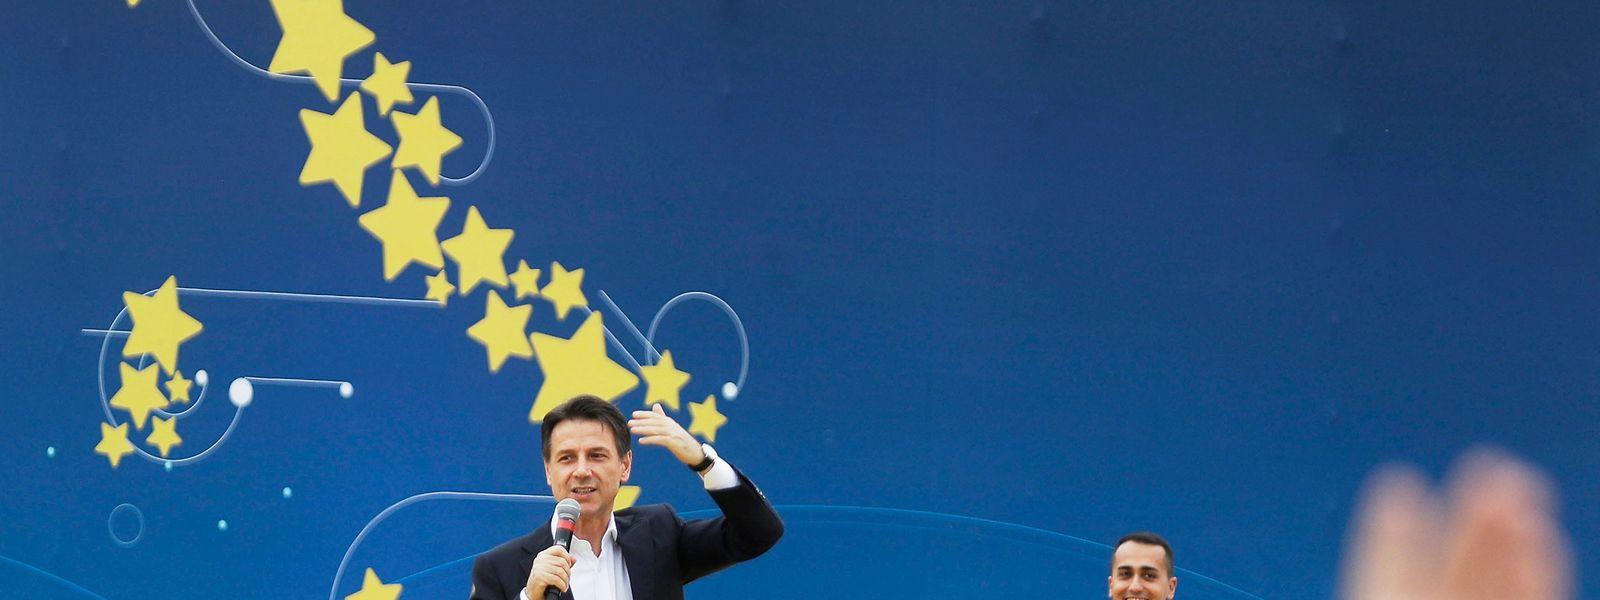 Trotz schlechter Wirtschaftszahlen verbreitet der italienische Ministerpräsident Giuseppe Conte Zuversicht für die Nummer drei des Eurolandes.Italien ist in die Rezession abgerutscht.